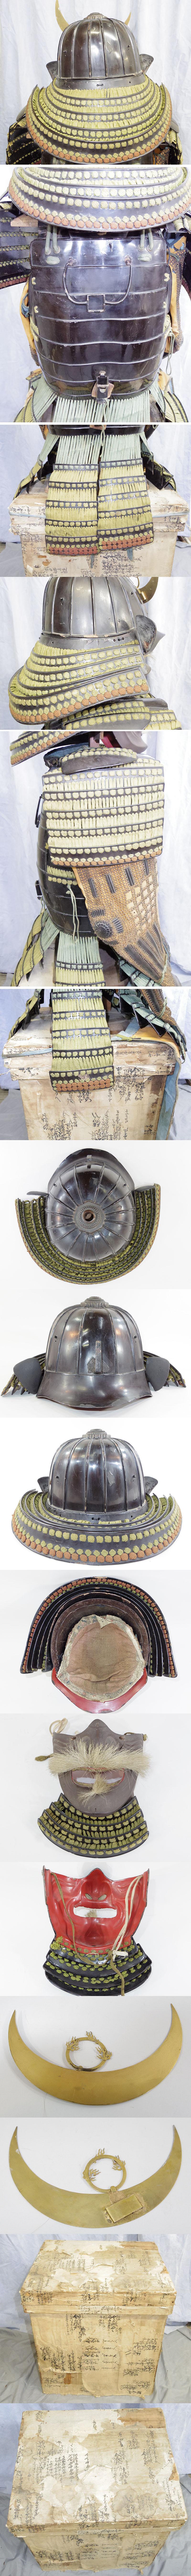 時代甲冑(山形藩 藩主水野家の伝来)各部分画像2